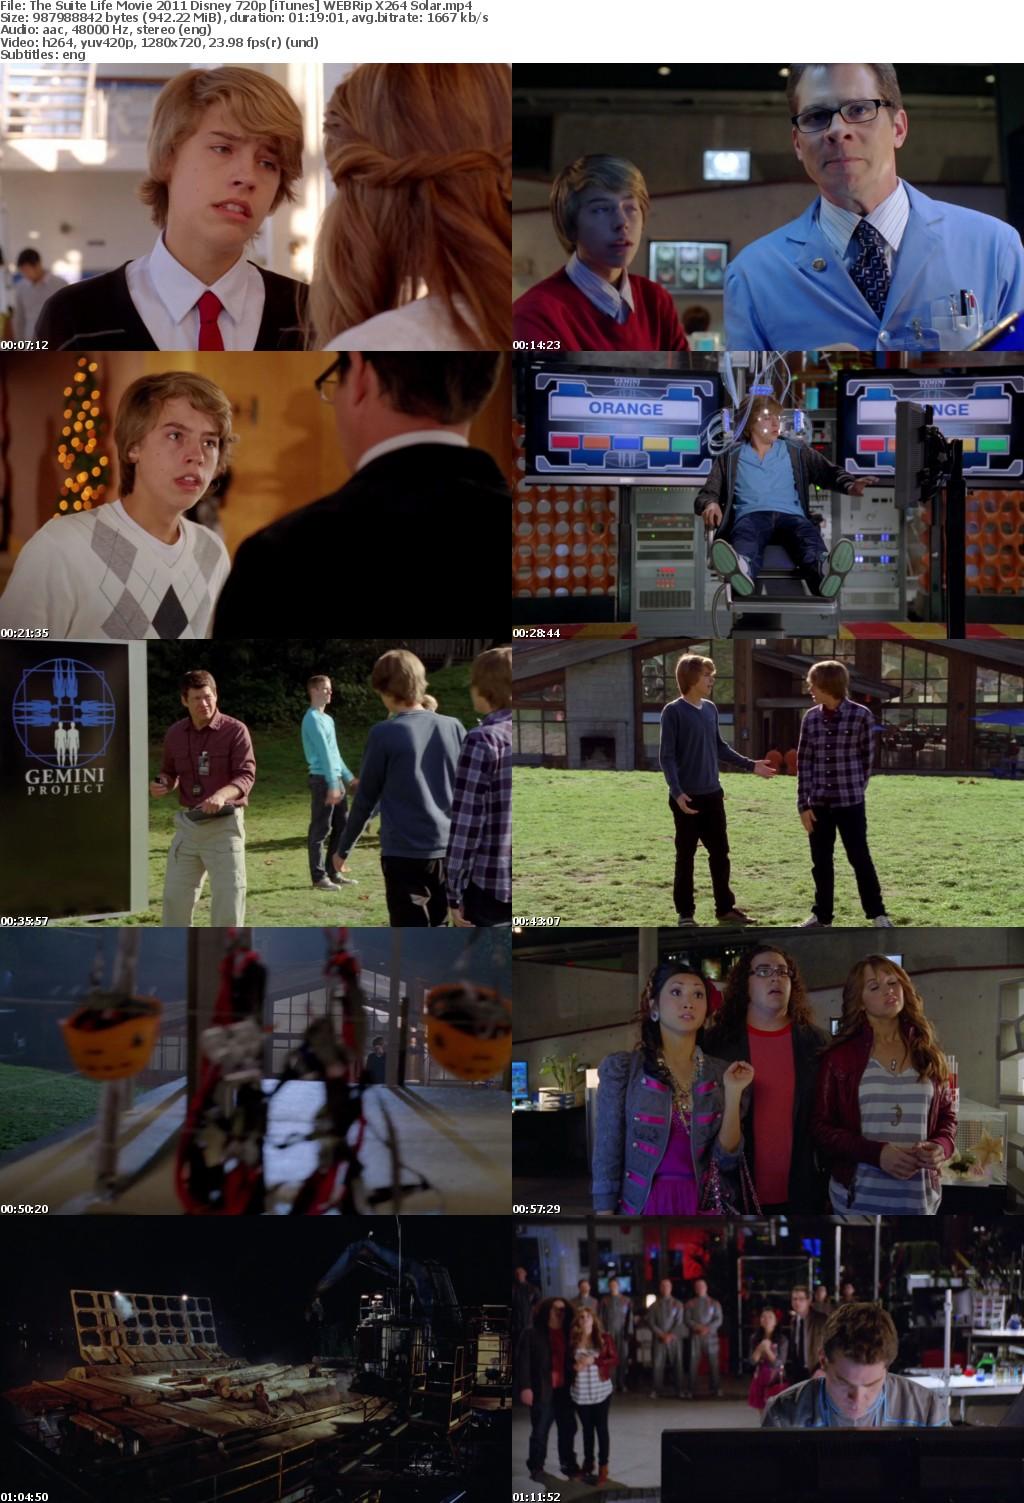 The Suite Life Movie (2011) Disney 720p iTunes WEBRip X264 Solar